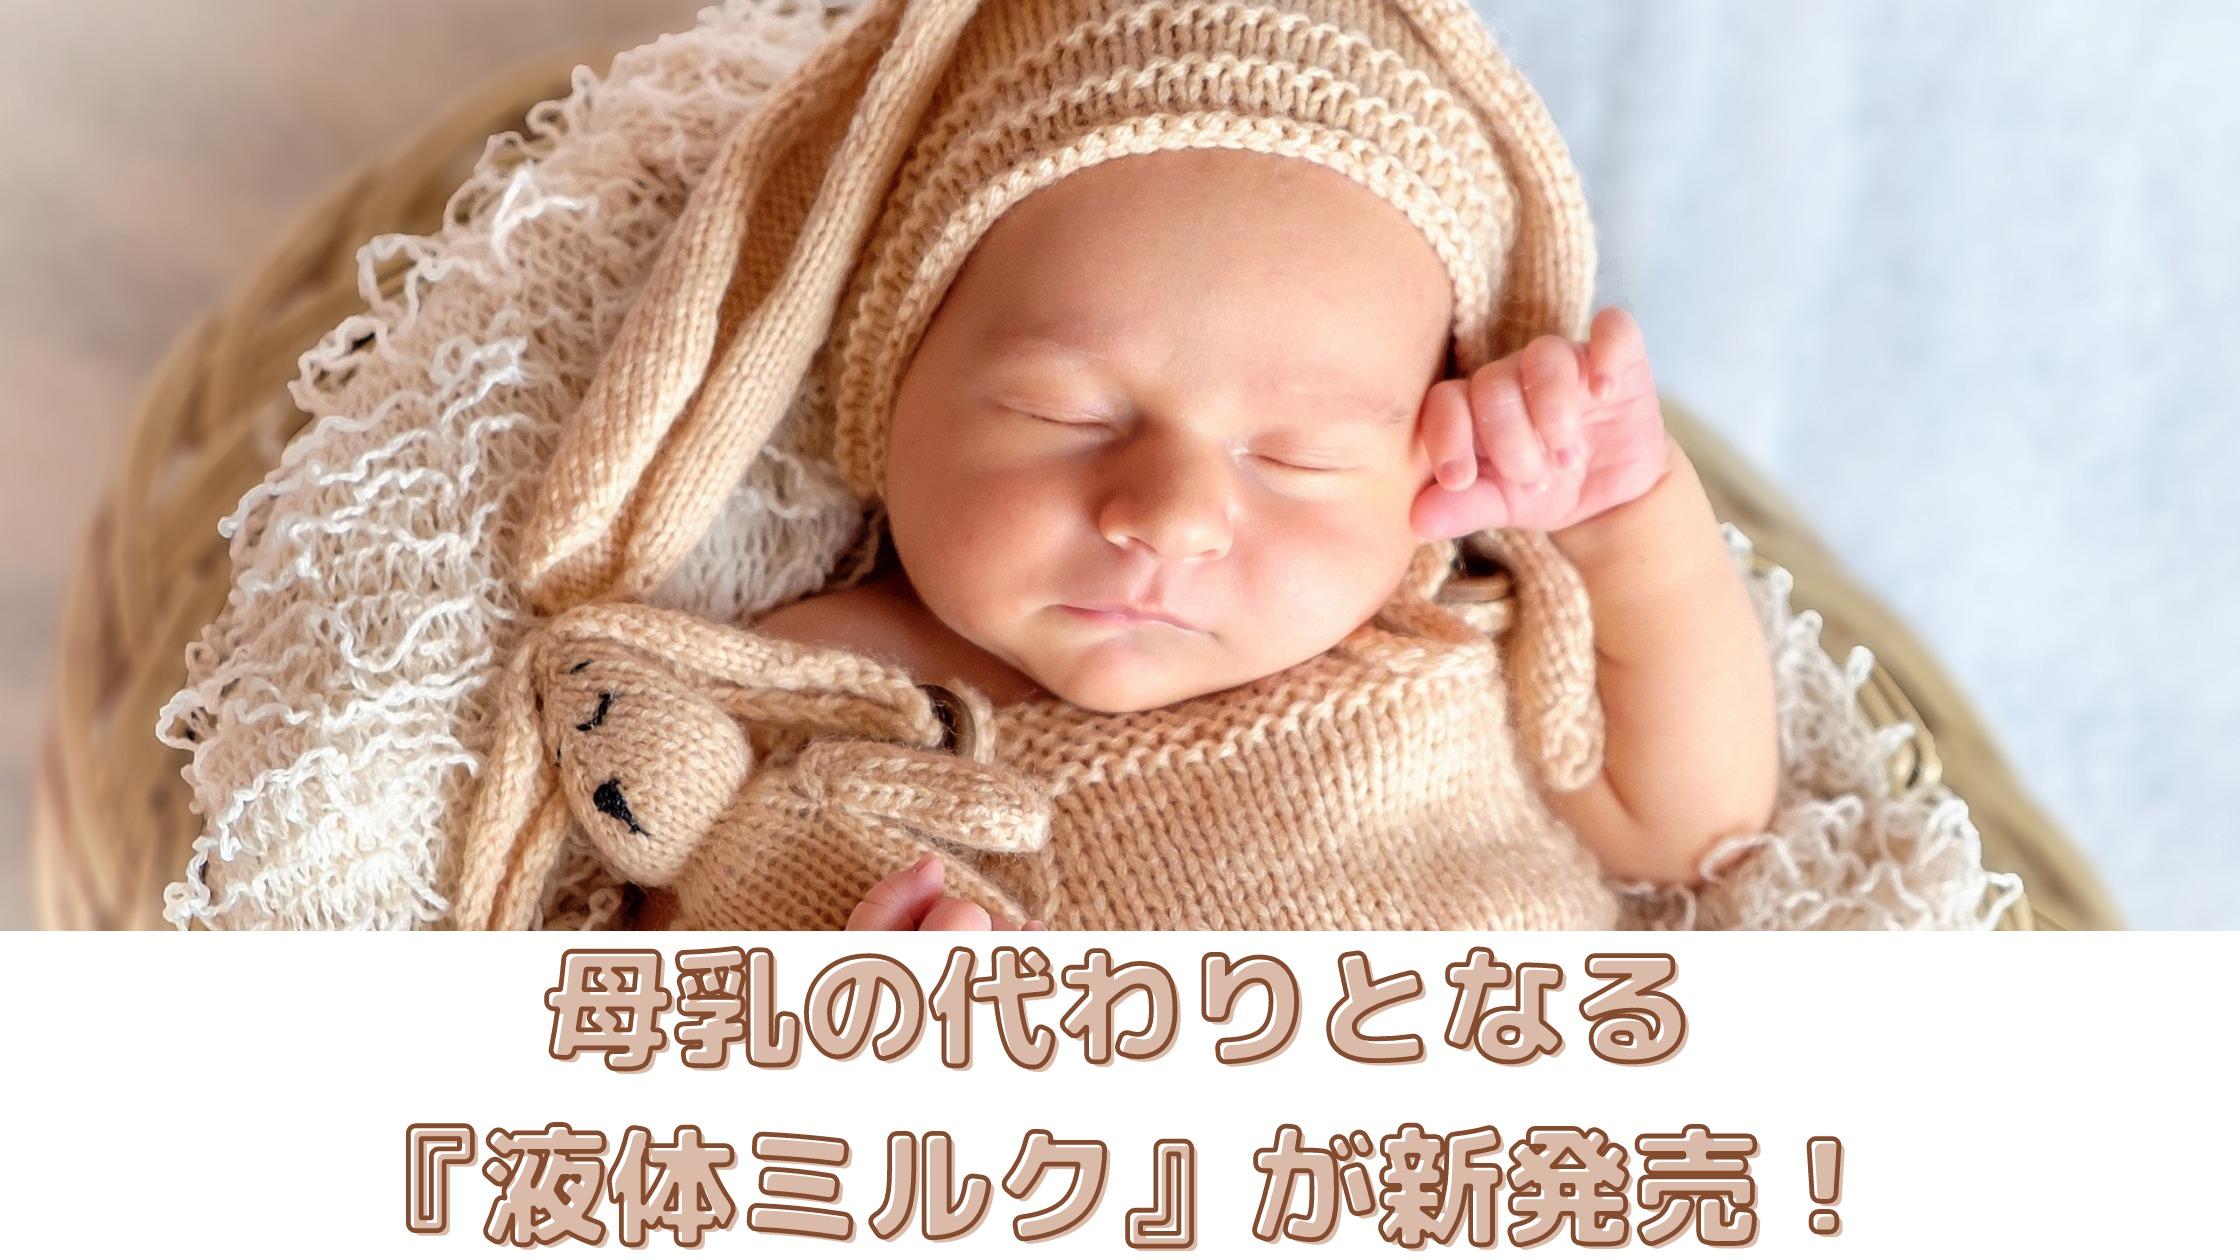 母乳の代わりとなる『液体ミルク』が日本で販売可能に!【『液体ミルク』が災害時には大活躍する理由とは】